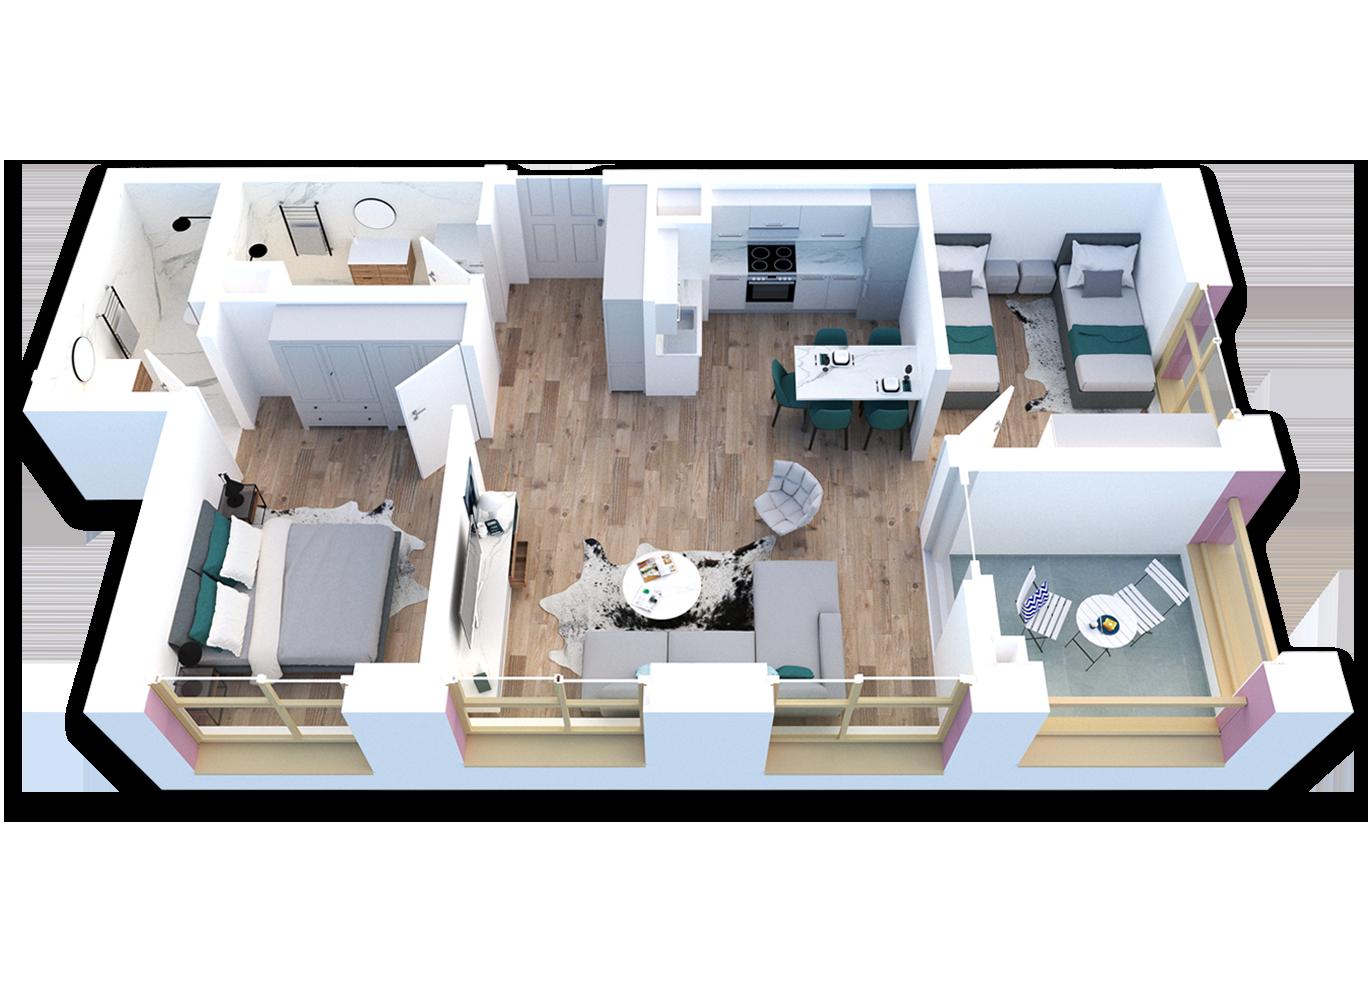 Apartament 2+1 në shitje në Tiranë - Mangalem 21 Shkalla 23 Kati 4